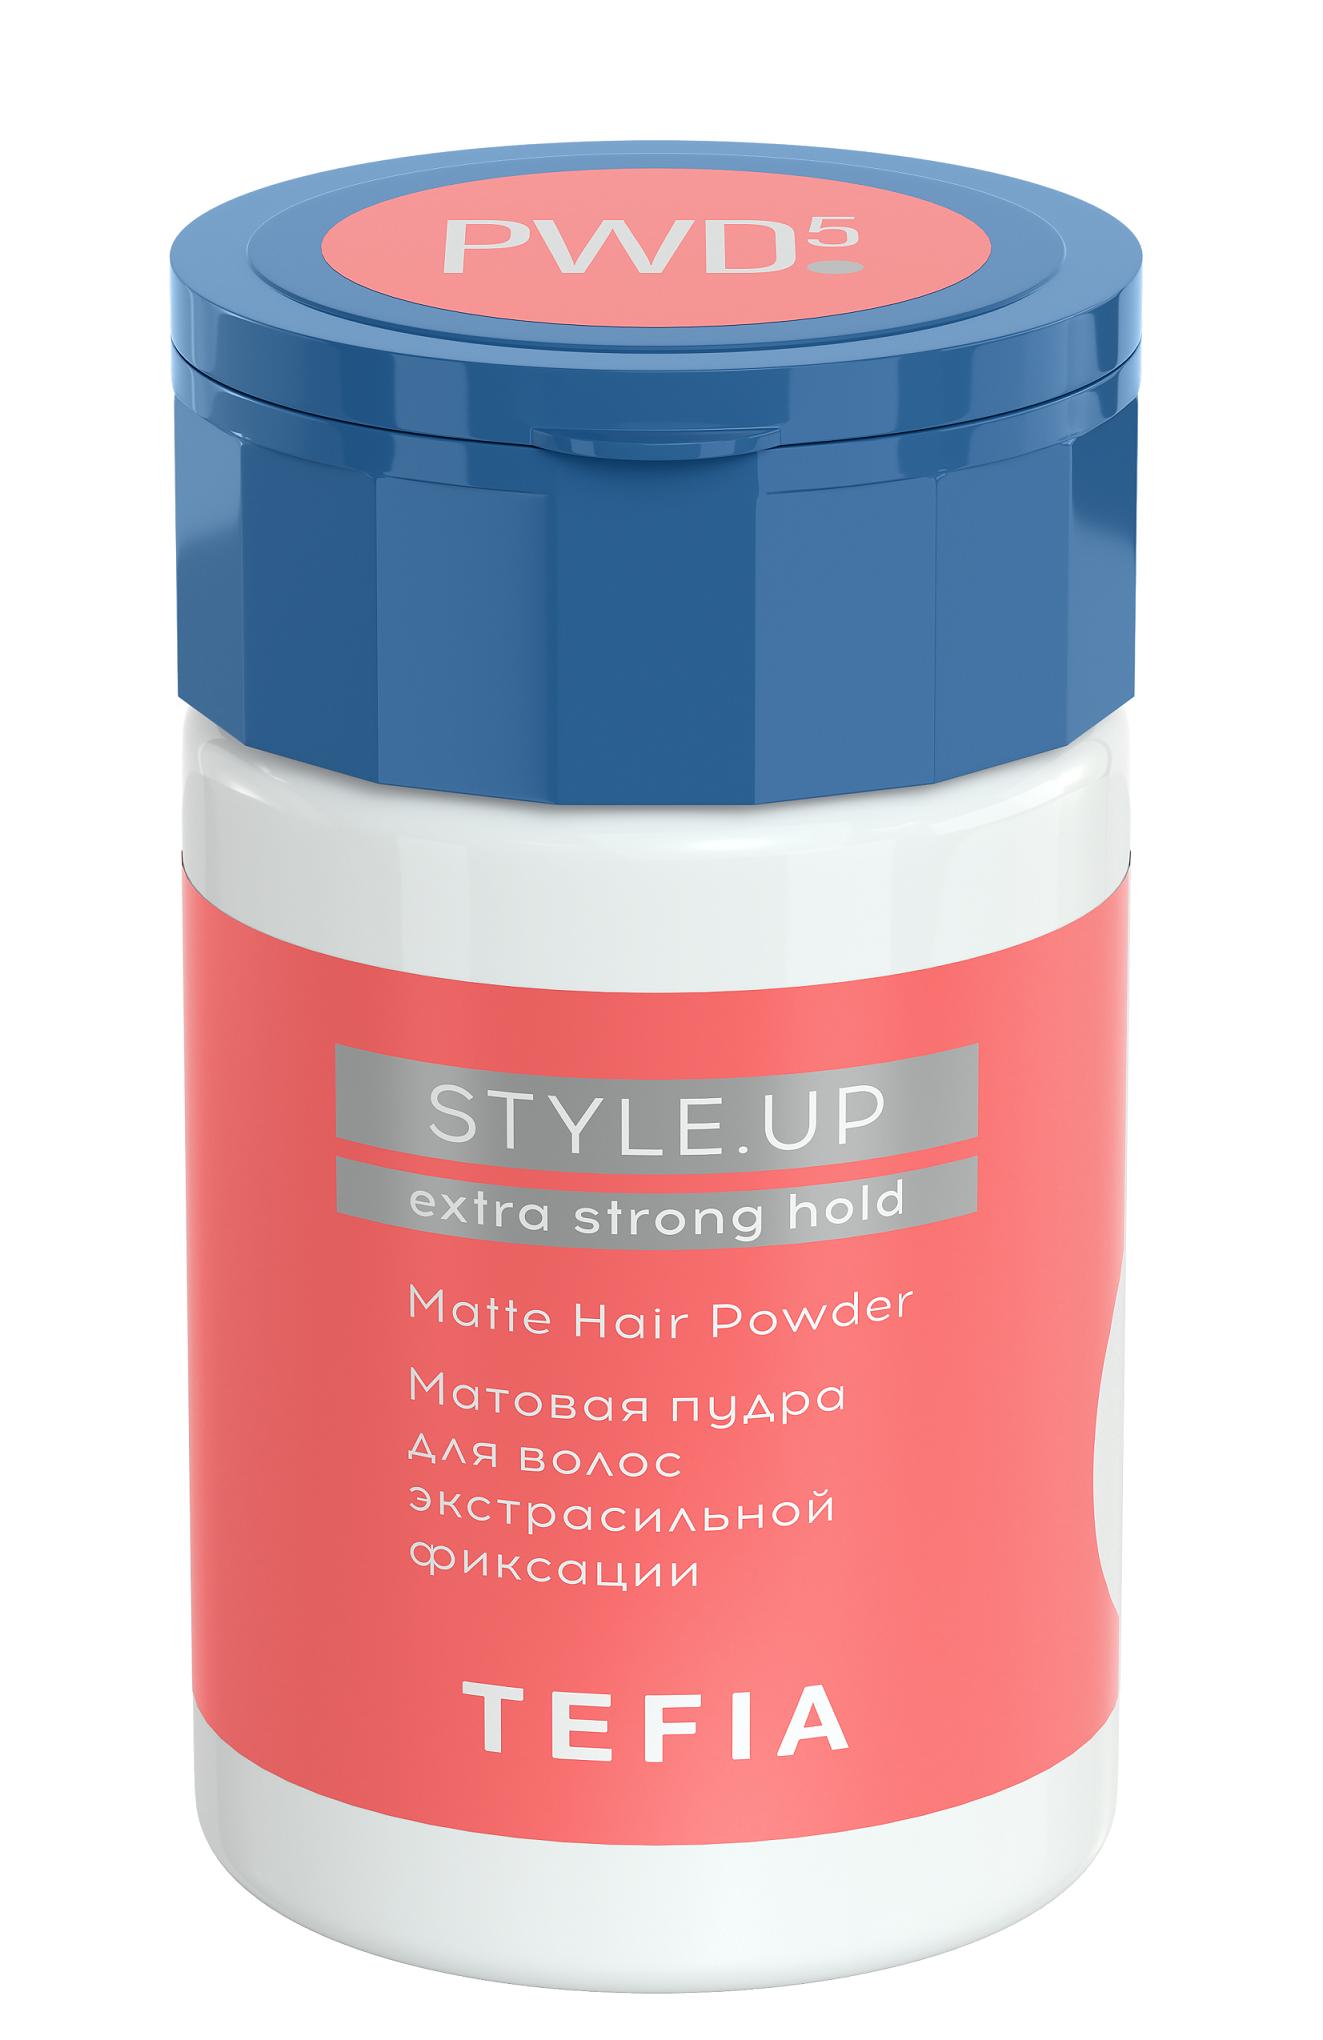 Купить TEFIA Пудра матовая для волос экстрасильной фиксации / STYLE.UP 10 г